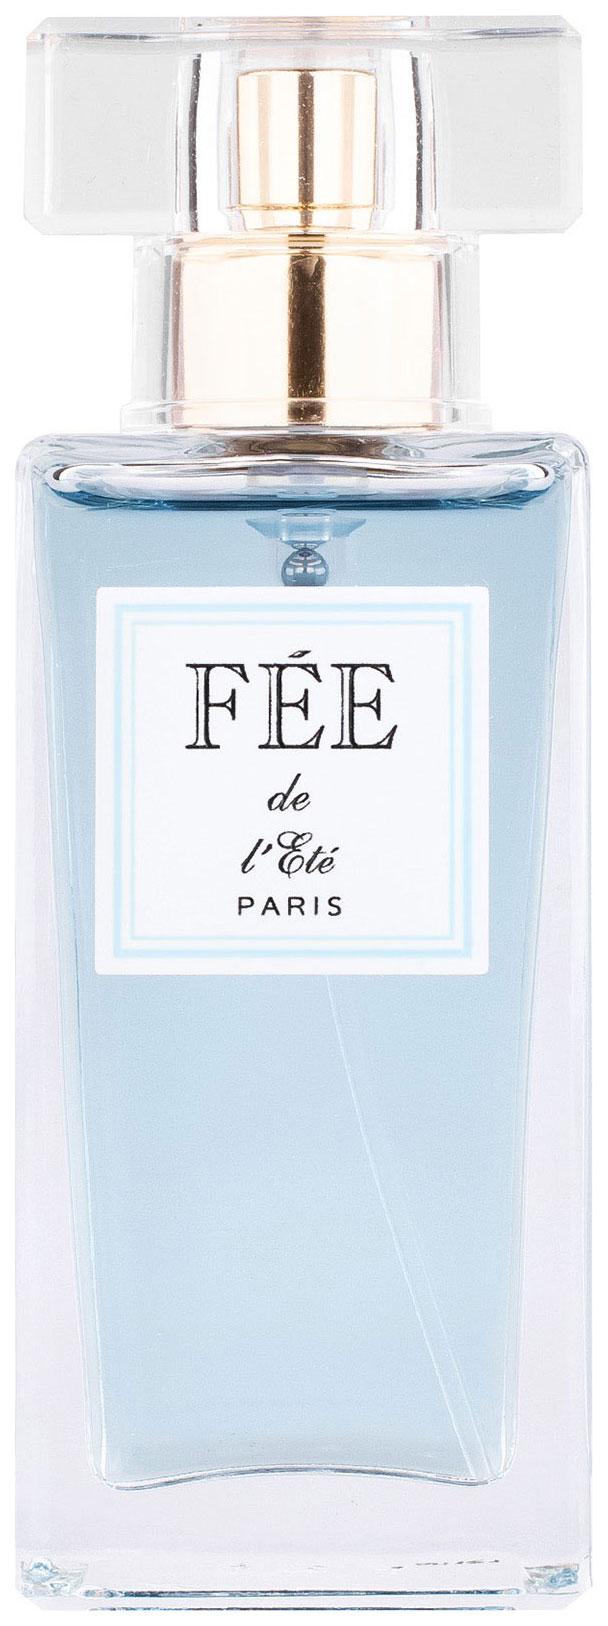 Парфюмерная вода Fee Fée de l'Eté Eau